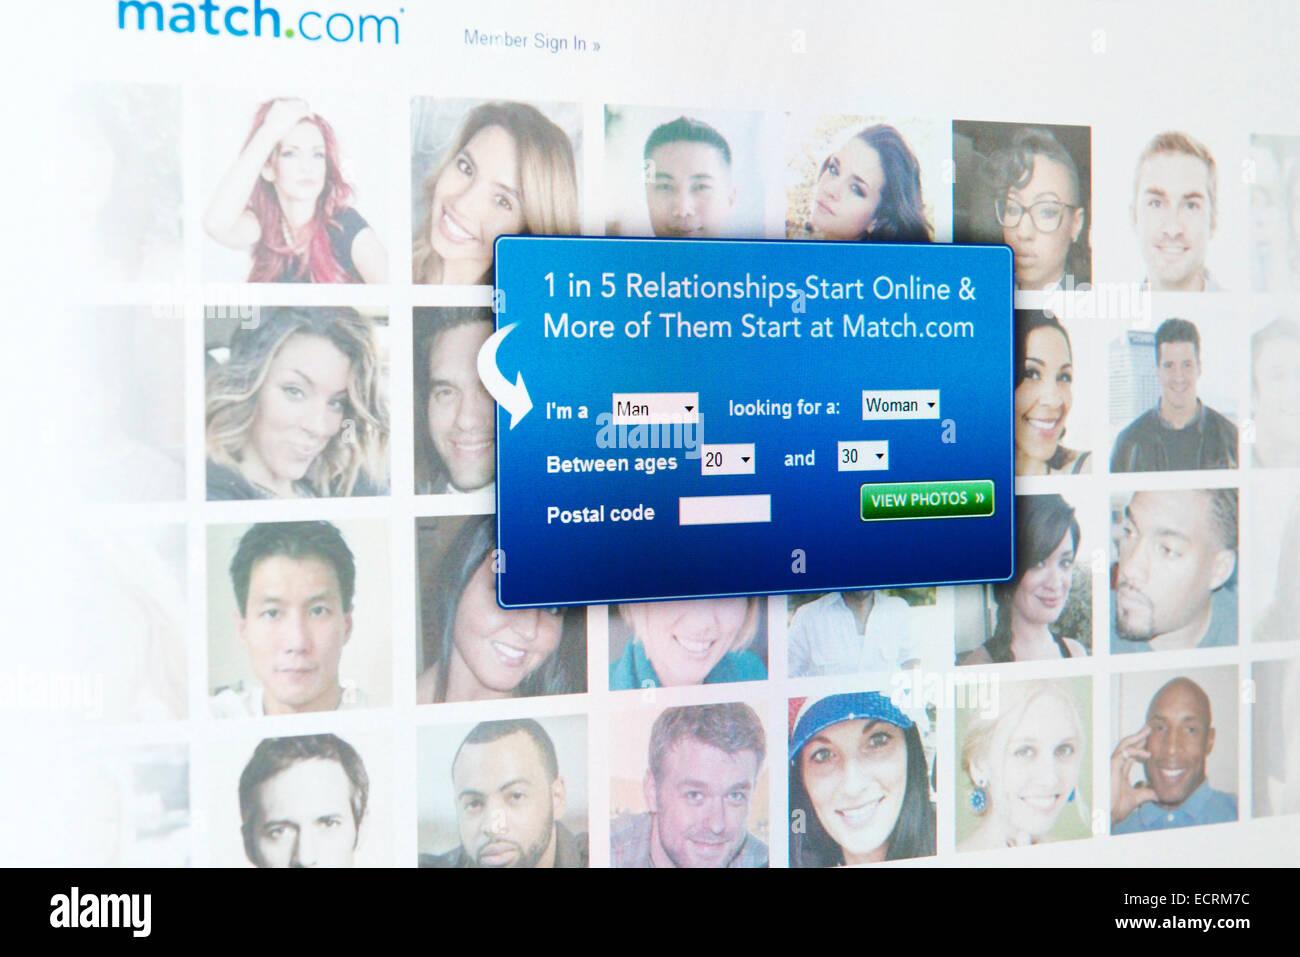 consigli di sicurezza match.com Dating